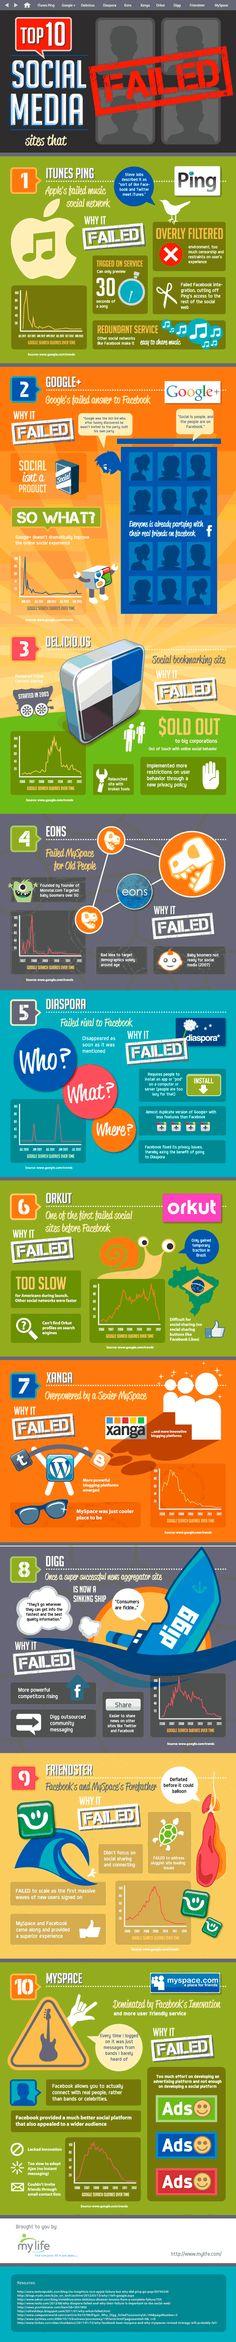 10 redes sociales que han fracasado